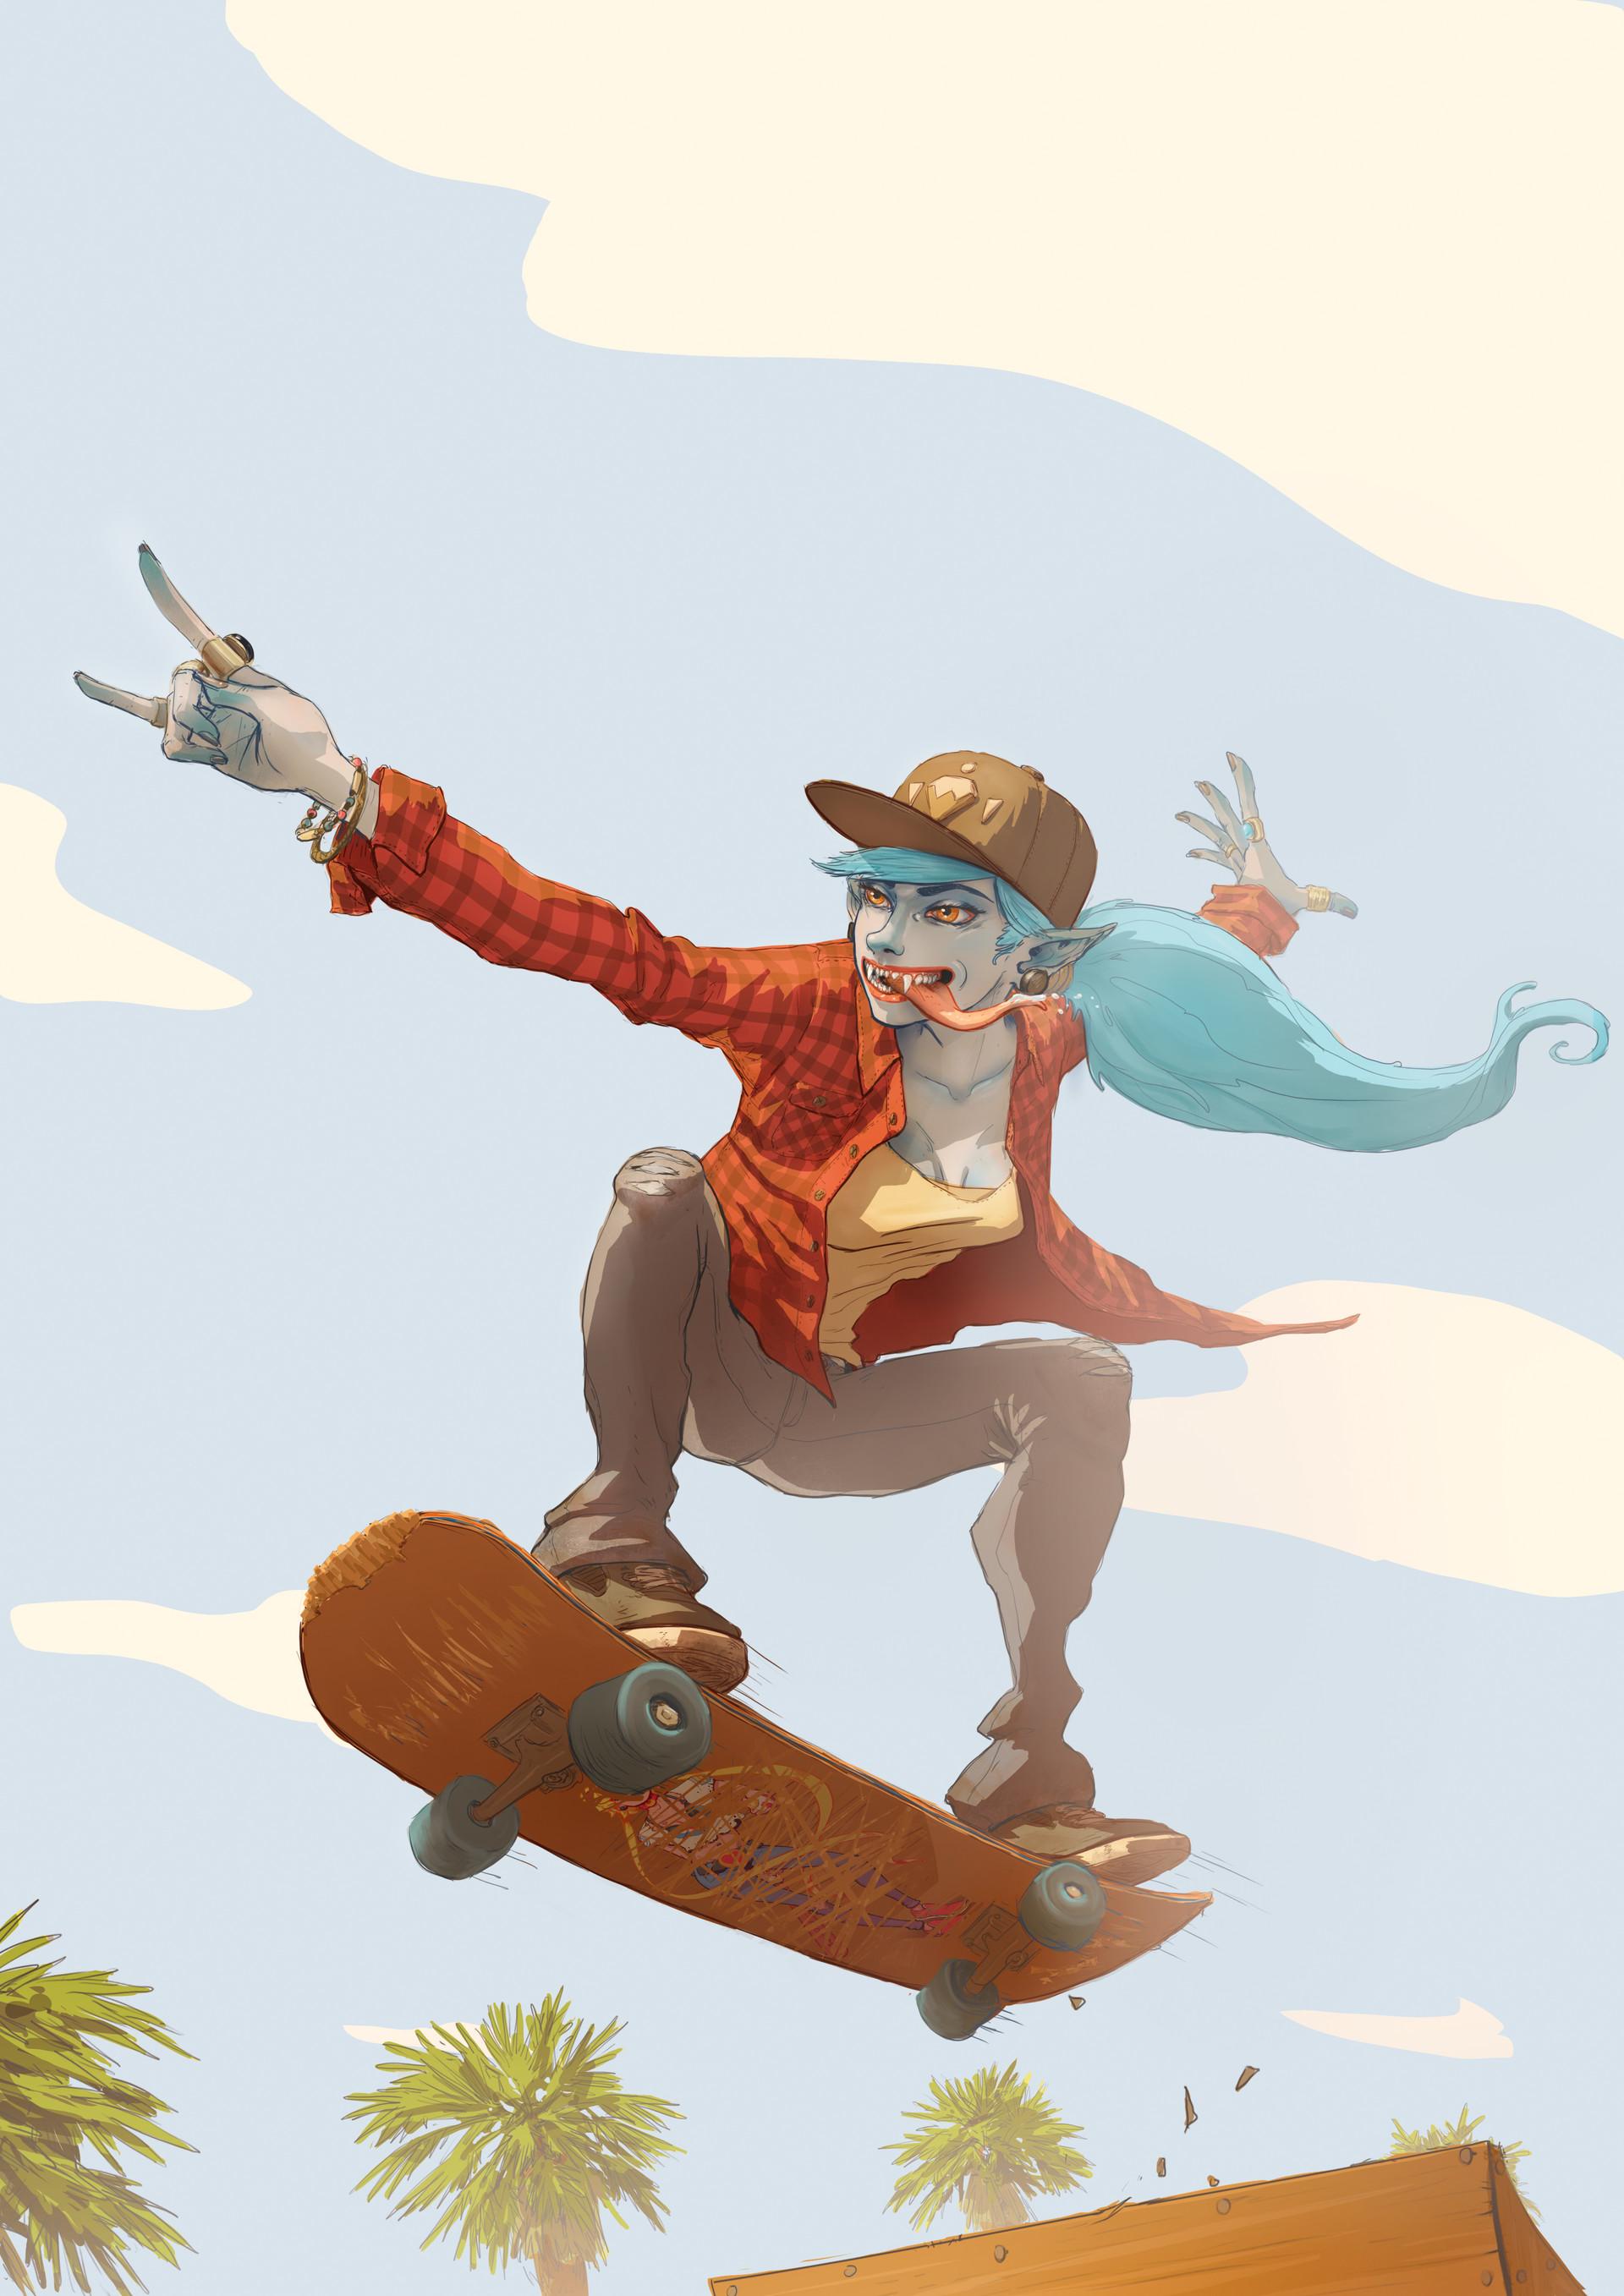 Jean philippe hugonnet skate vampy girl a33